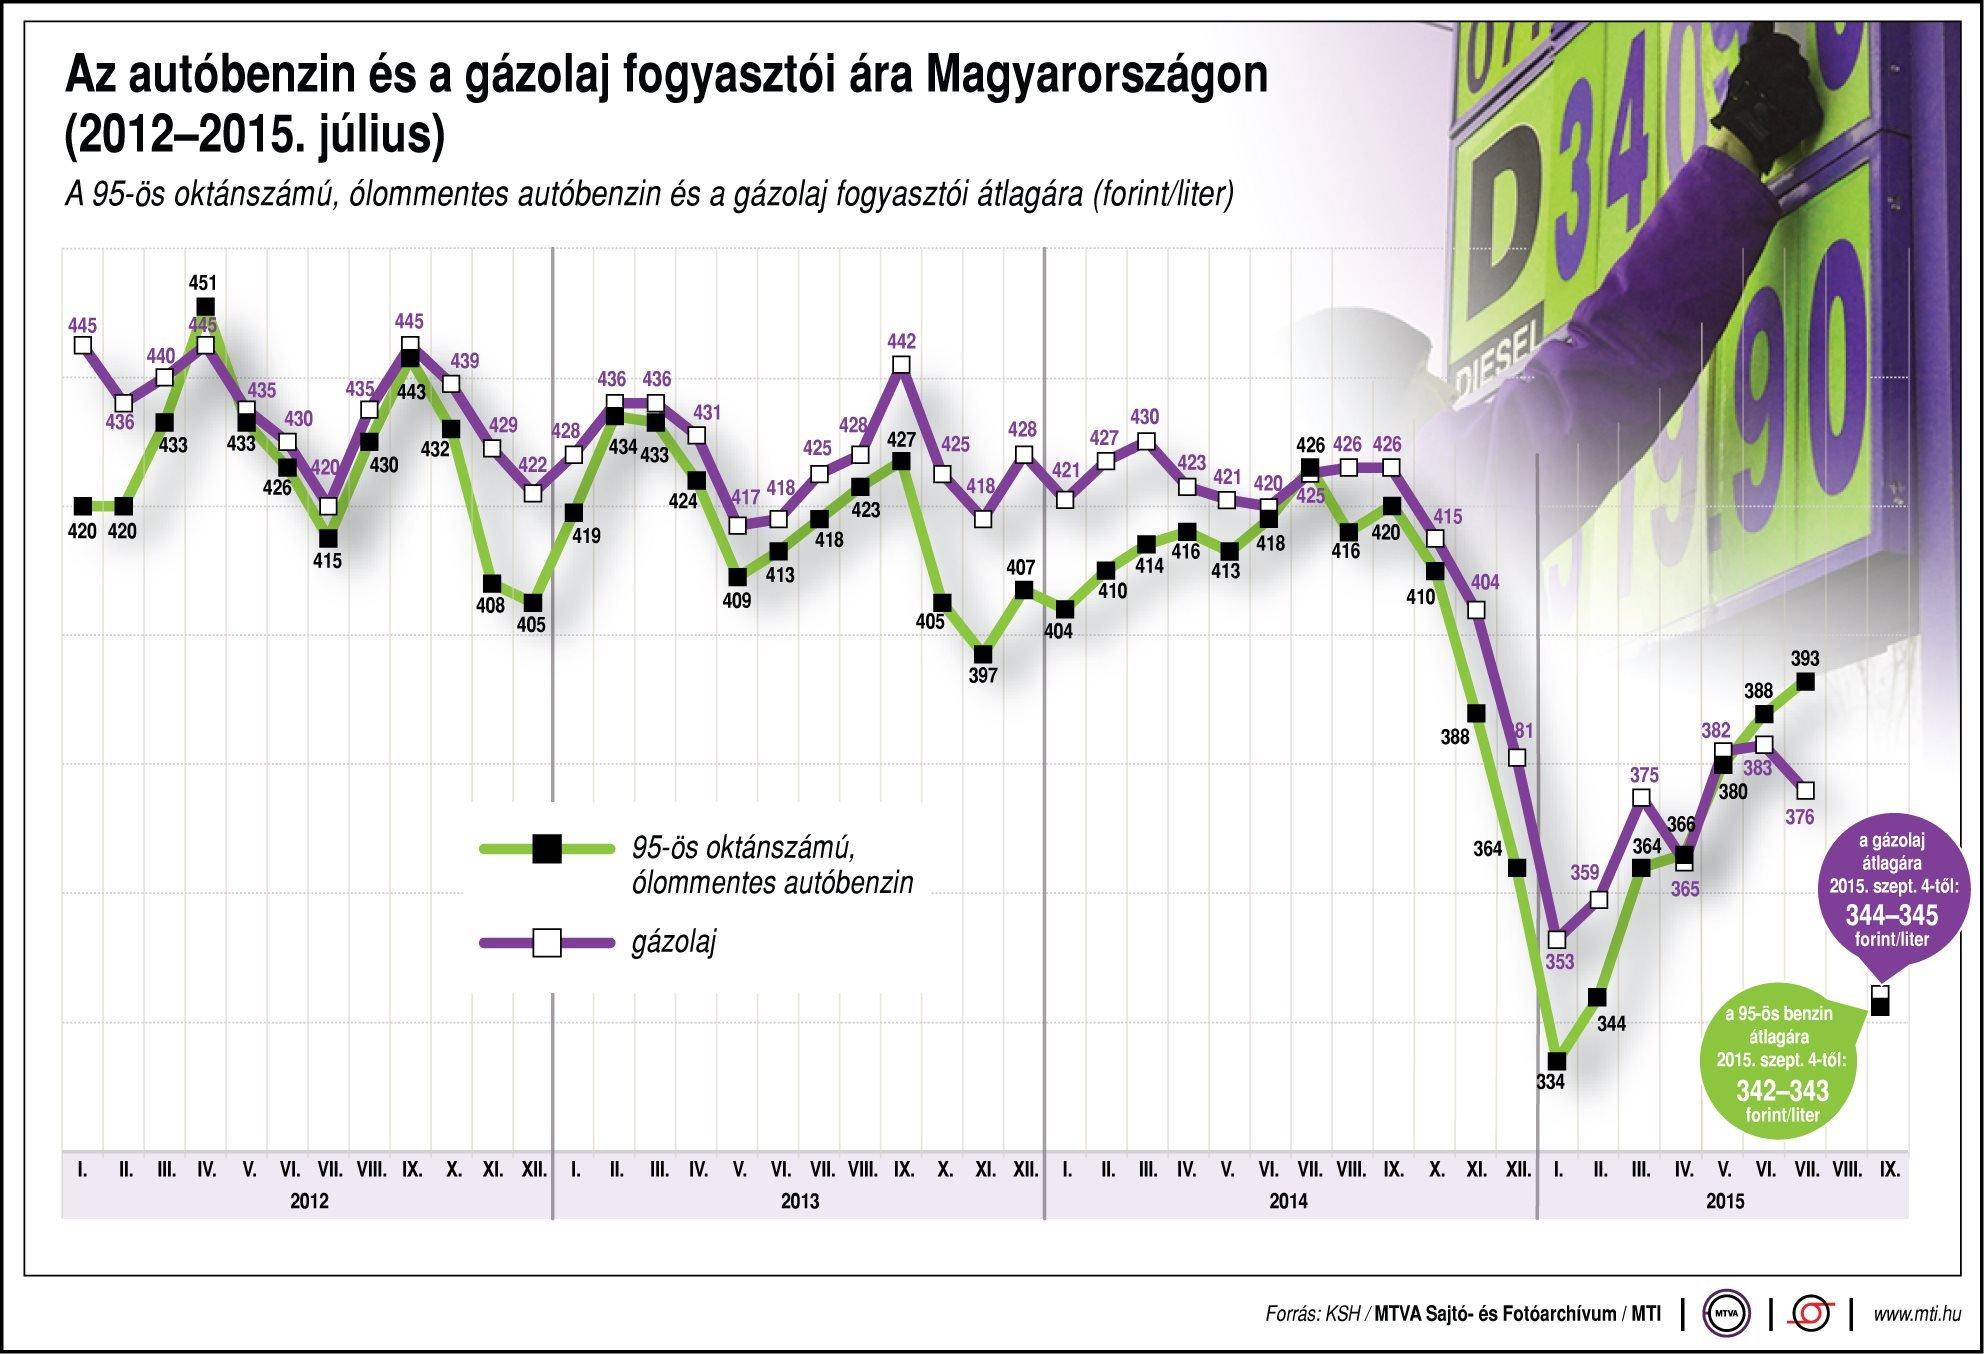 Az autóbenzin és a gázolaj fogyasztói ára Magyarországon, 2012-2015. július